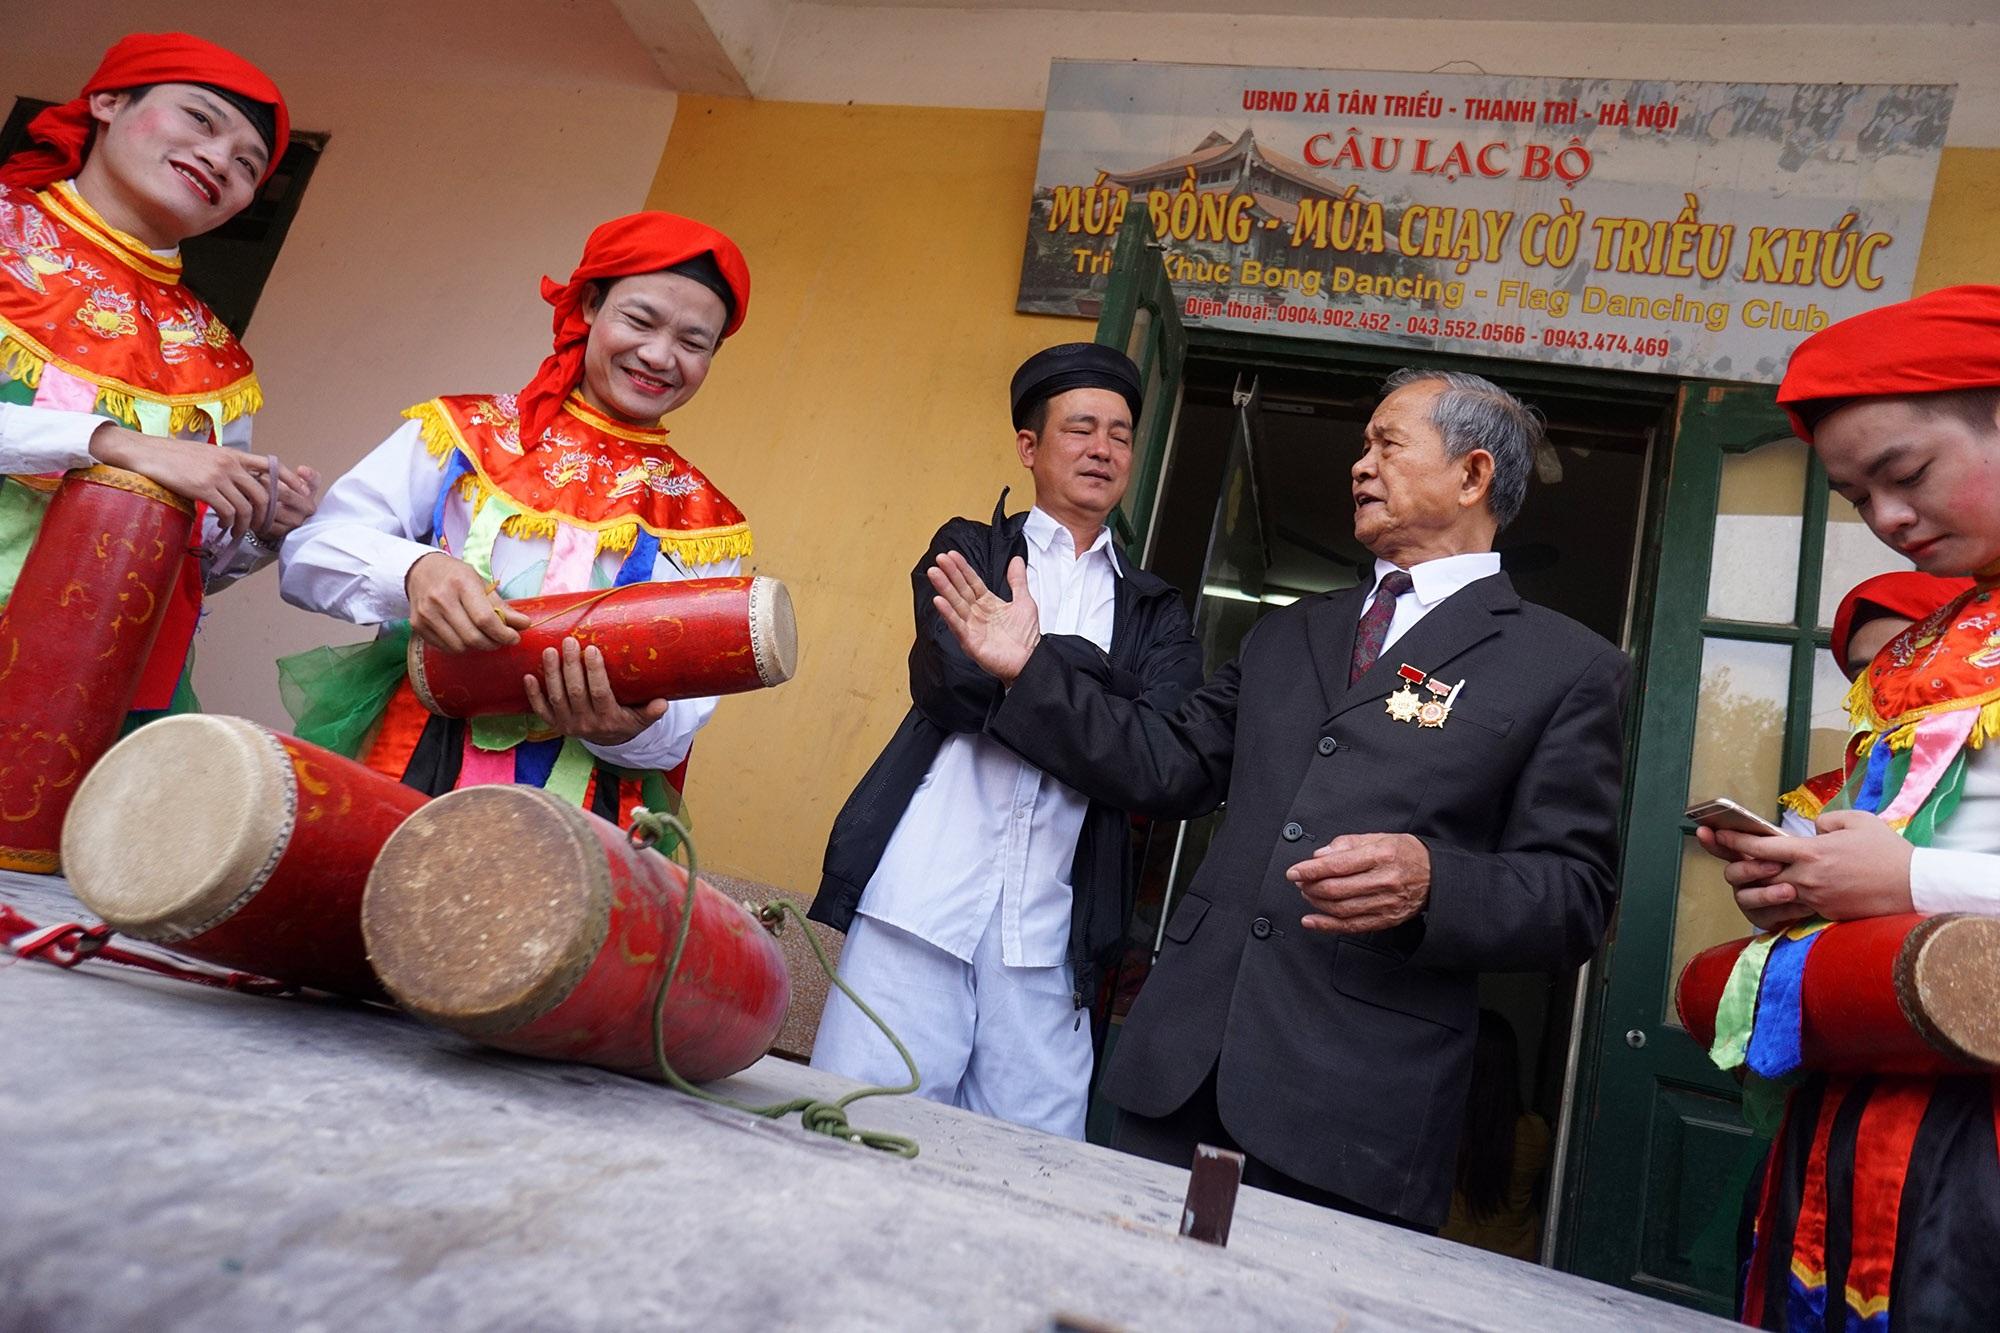 Hà Nội: Người gìn giữ điệu múa cổ nghìn năm con đĩ đánh bồng - 2